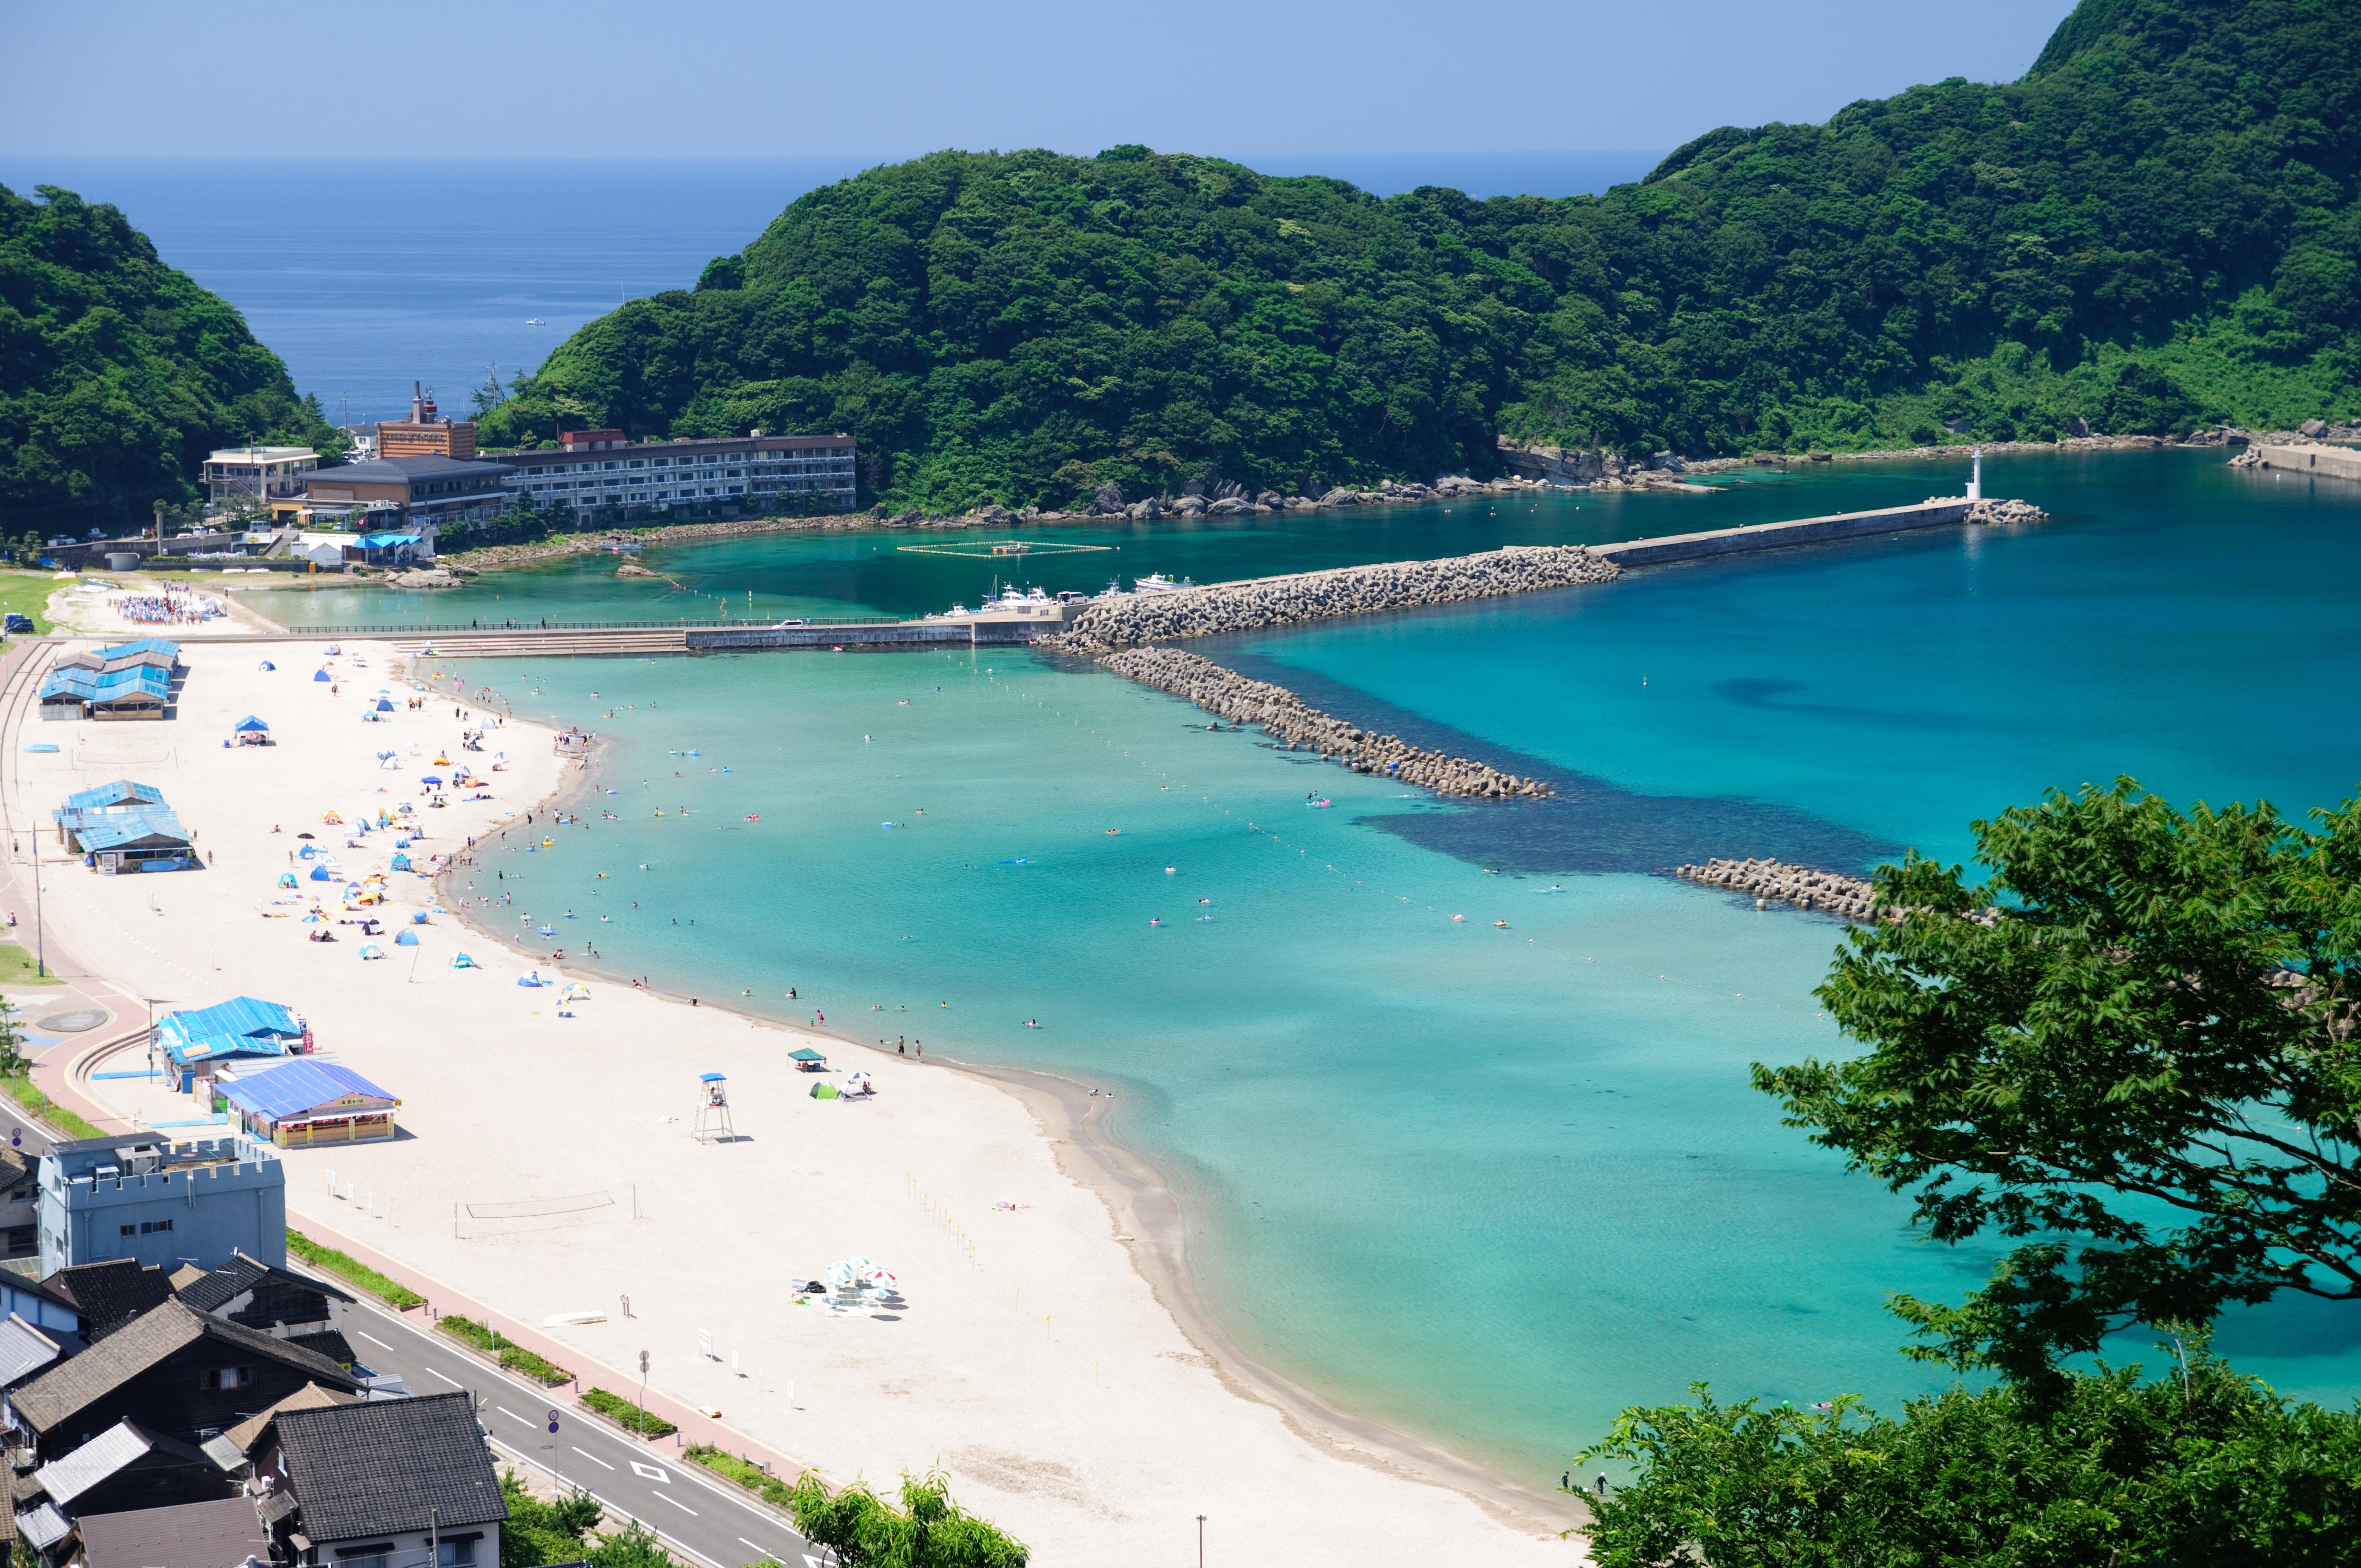 青島のビーチパークは宮崎の夏限定の観光スポット!人気カフェあり!